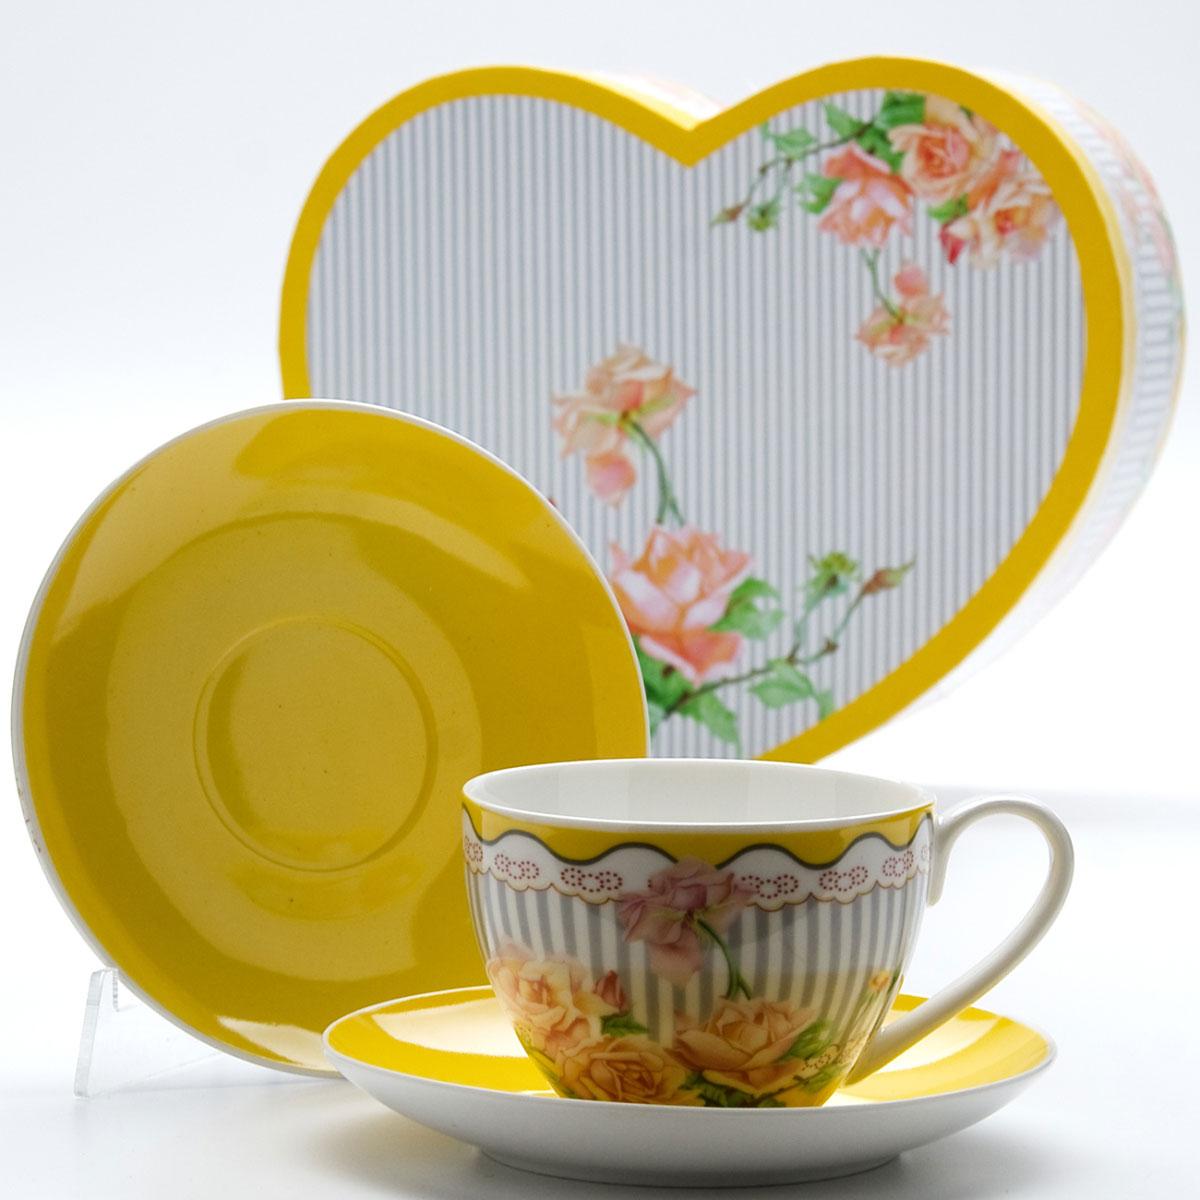 Чайная пара Mayer & Boch Садовые розы, 4 предмета. 2299522995Этот чайный набор, выполненный из высококачественного костяного фарфора, состоит из двух чашек и двух блюдец. Предметы набора оформлены ярким изображением цветов. Изящный дизайн и красочность оформления придутся по вкусу и ценителям классики, и тем, кто предпочитает утонченность и изысканность. Чайный набор - идеальный и необходимый подарок для вашего дома и для ваших друзей в праздники, юбилеи и торжества! Он также станет отличным корпоративным подарком и украшением любой кухни. Чайный набор упакован в подарочную коробку в форме сердца из плотного цветного картона. Внутренняя часть коробки задрапирована белым атласом.